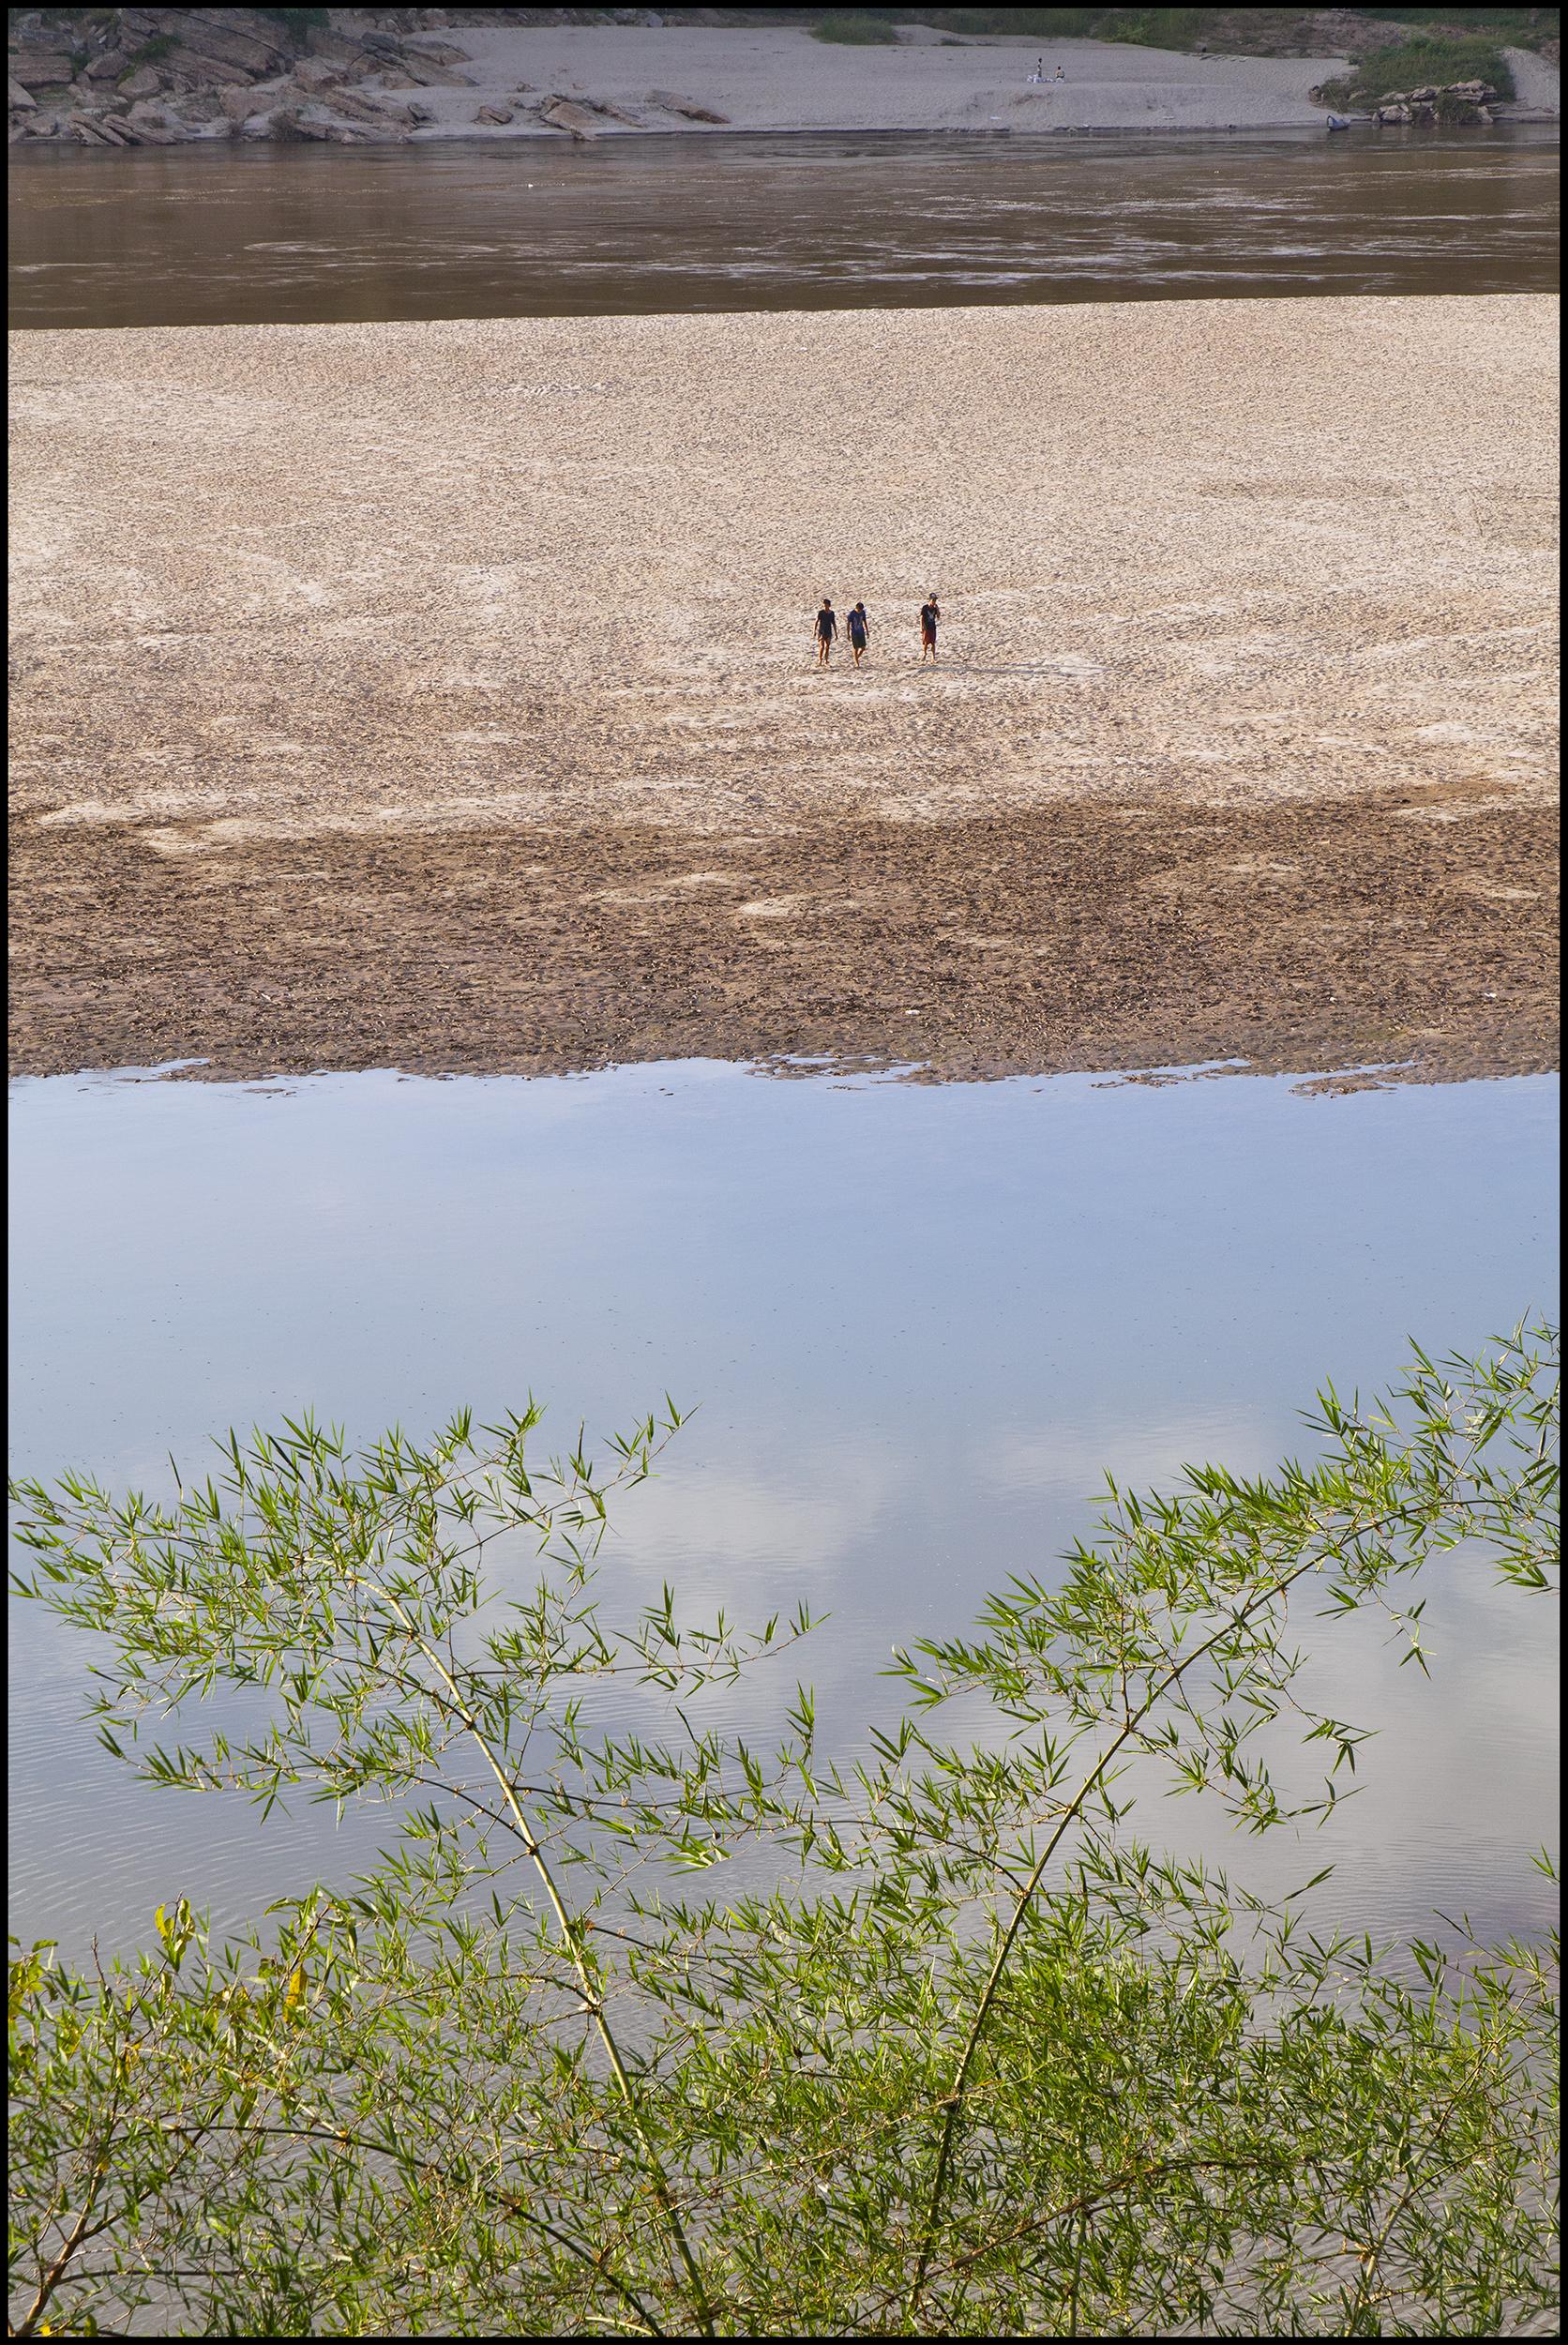 Laos Mekong River 5-3-11 18 inch.jpg